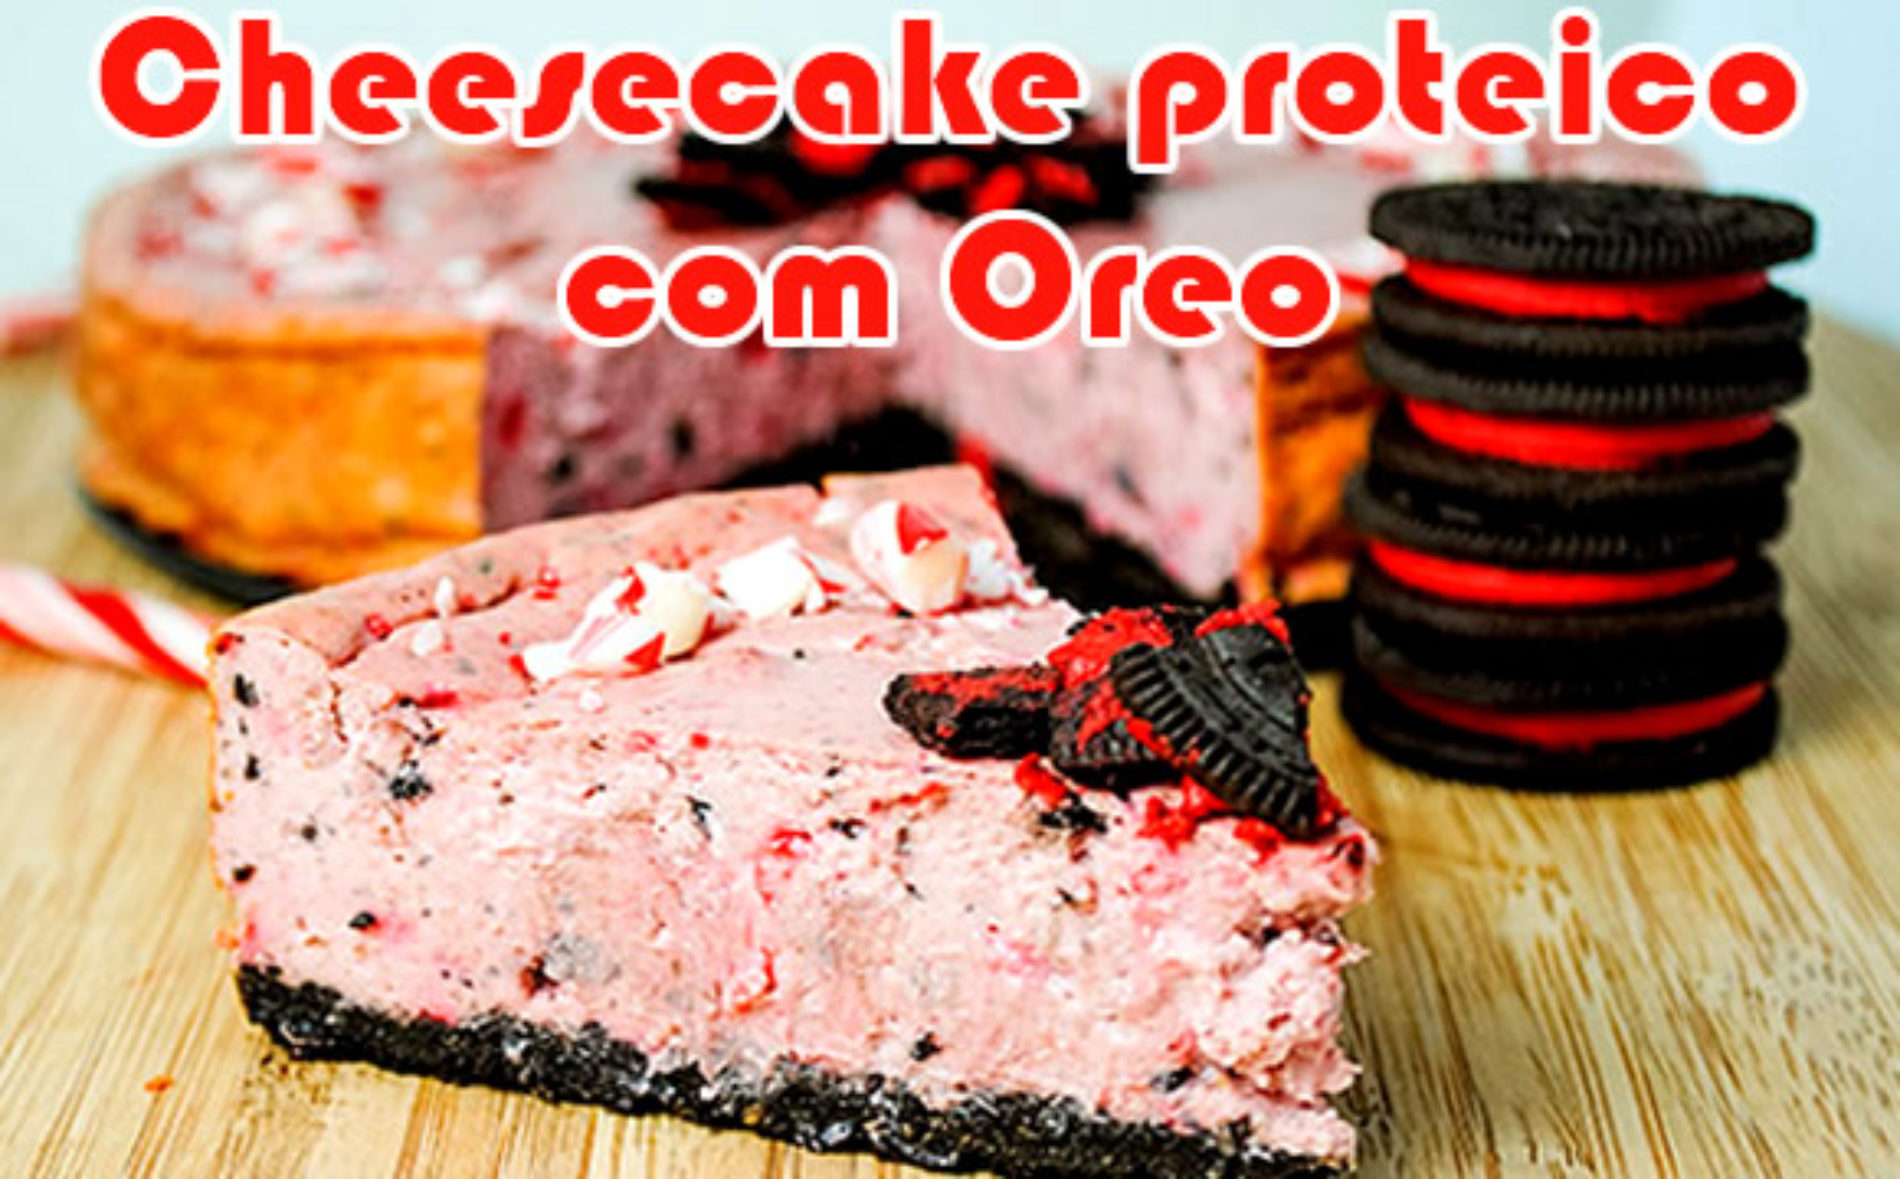 Cheesecake proteico com biscoito Oreo e menta